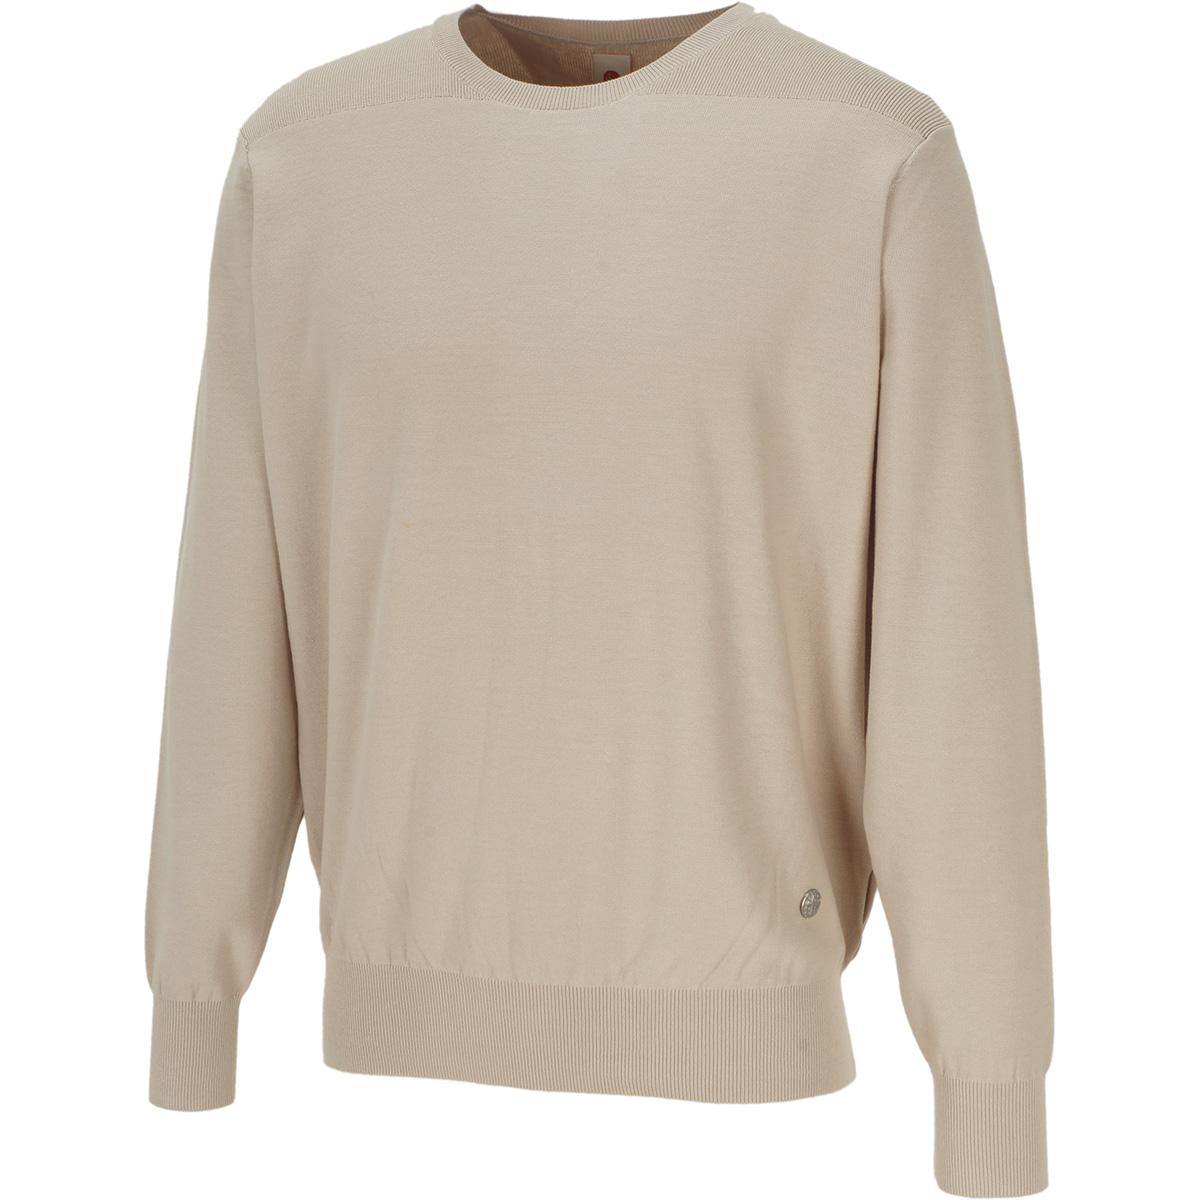 ハイツイストコットン 長袖セーター